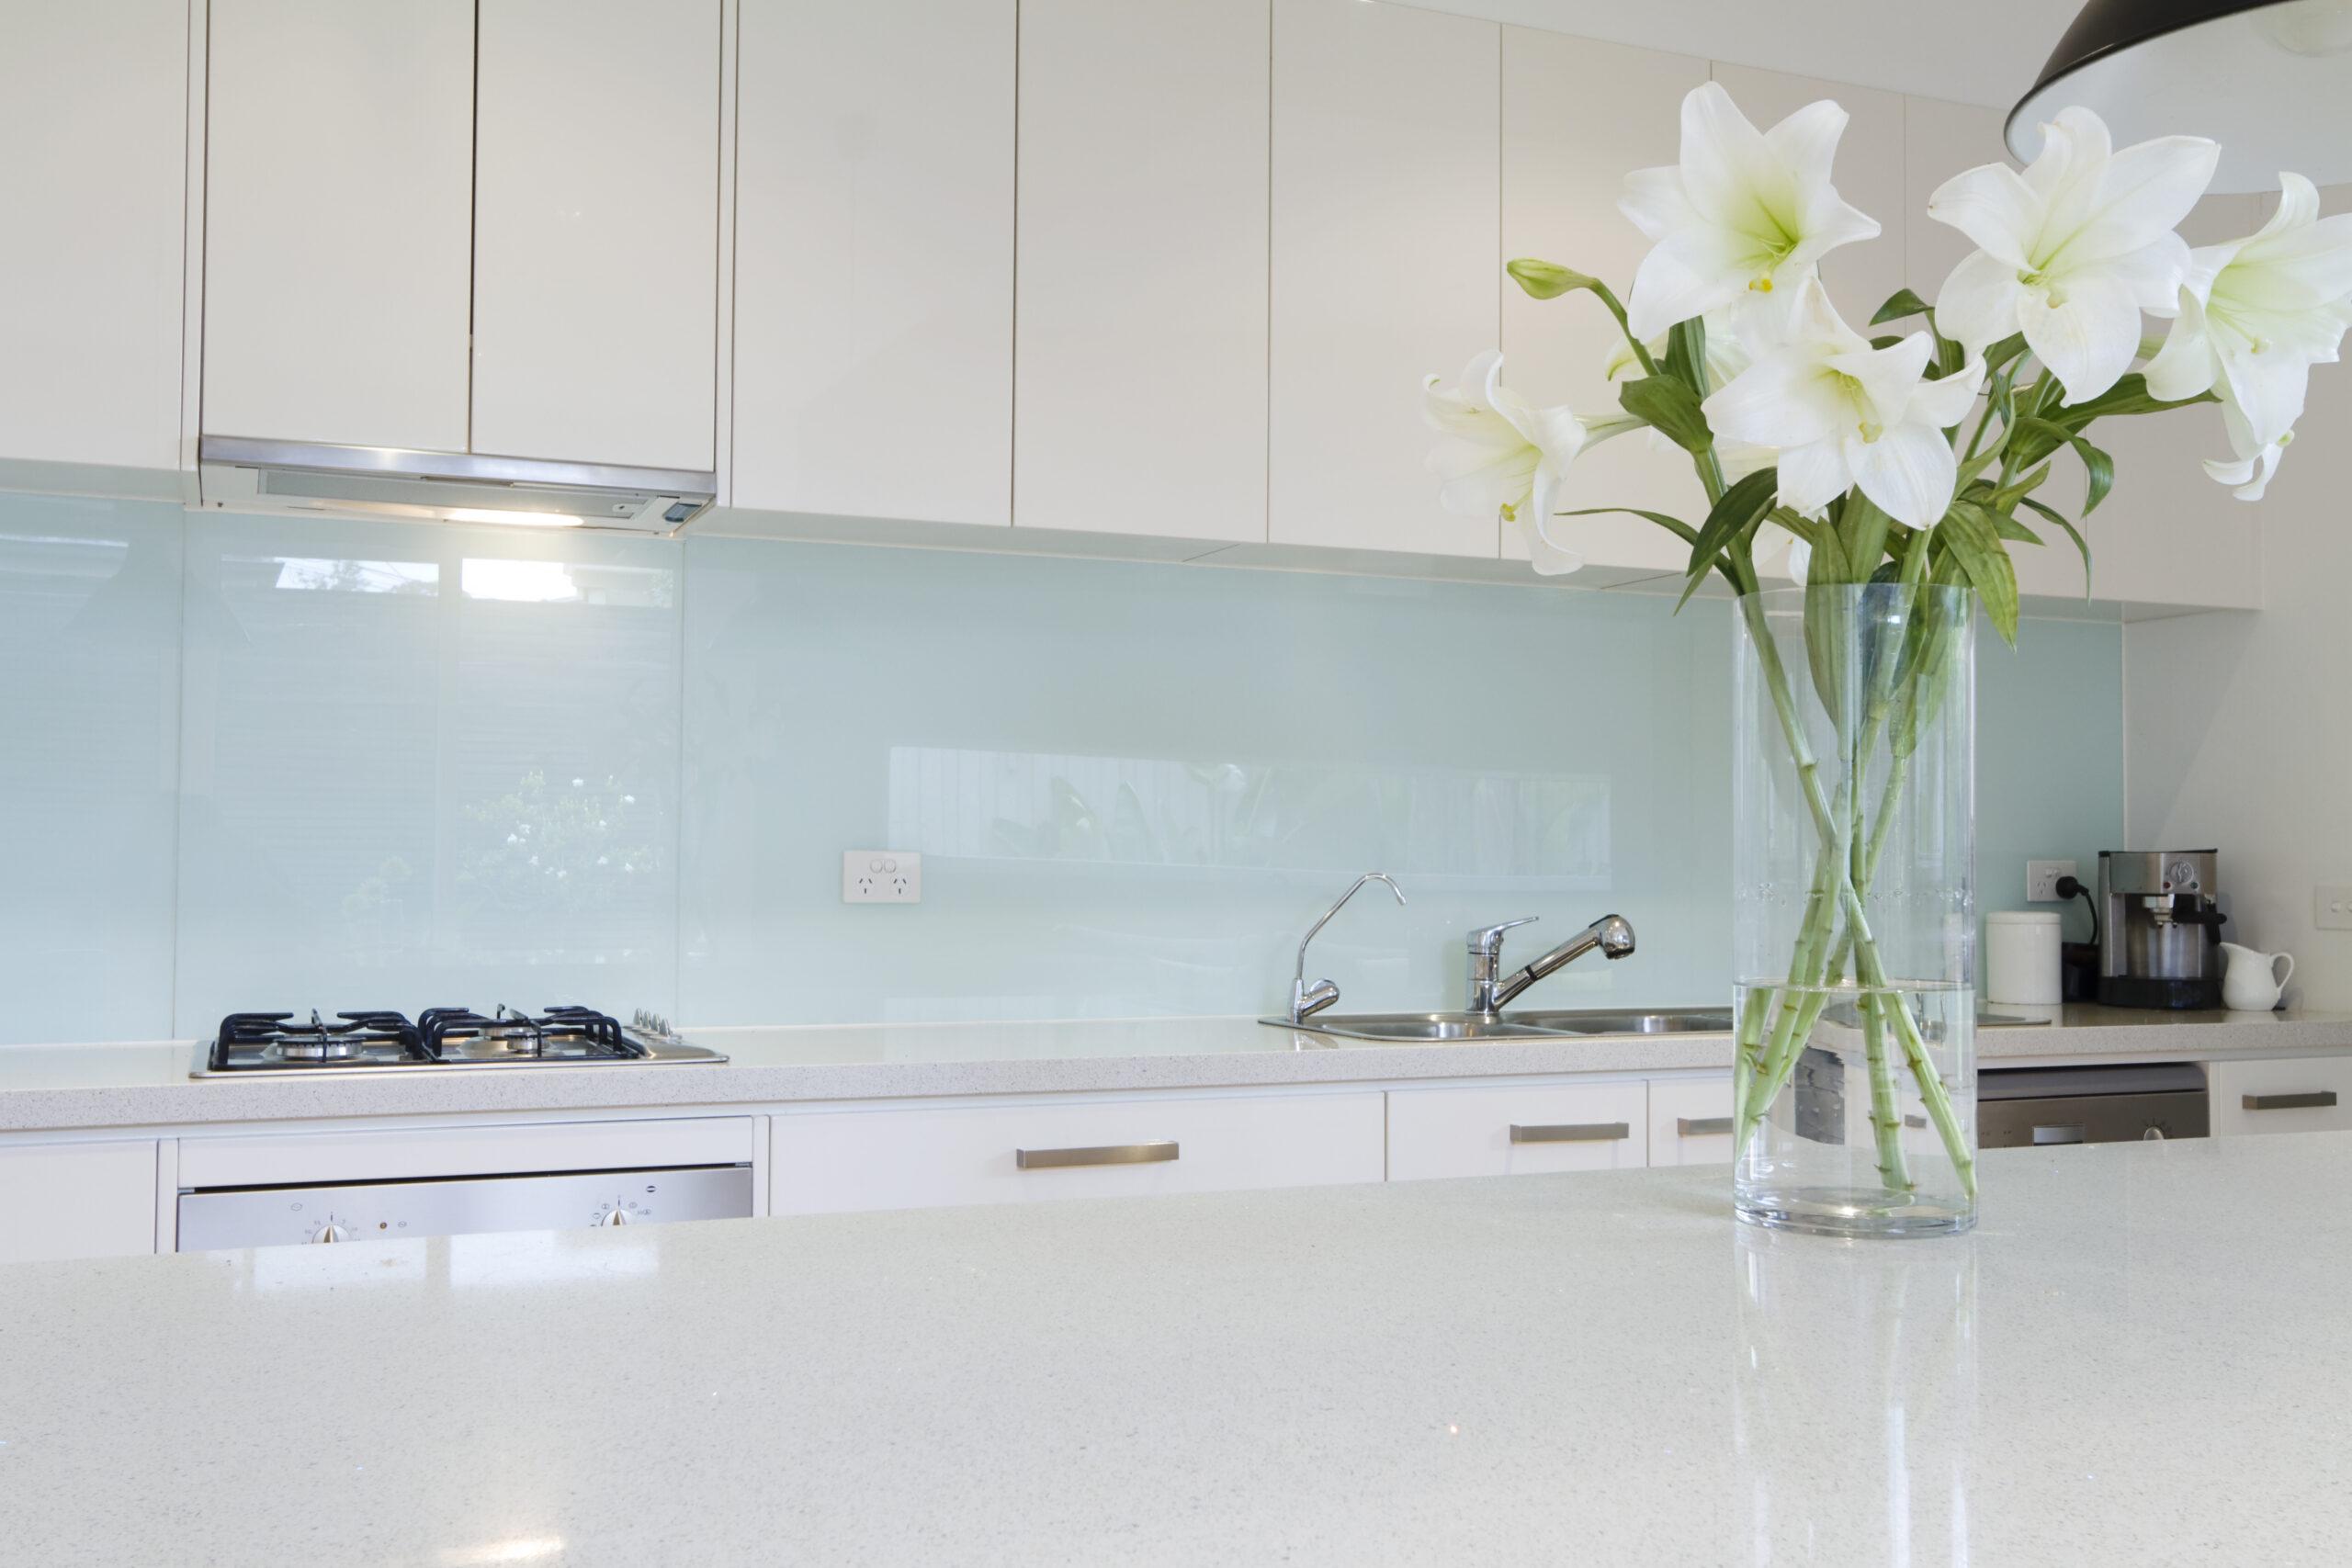 Küchenrückwand aus Glas kaufen